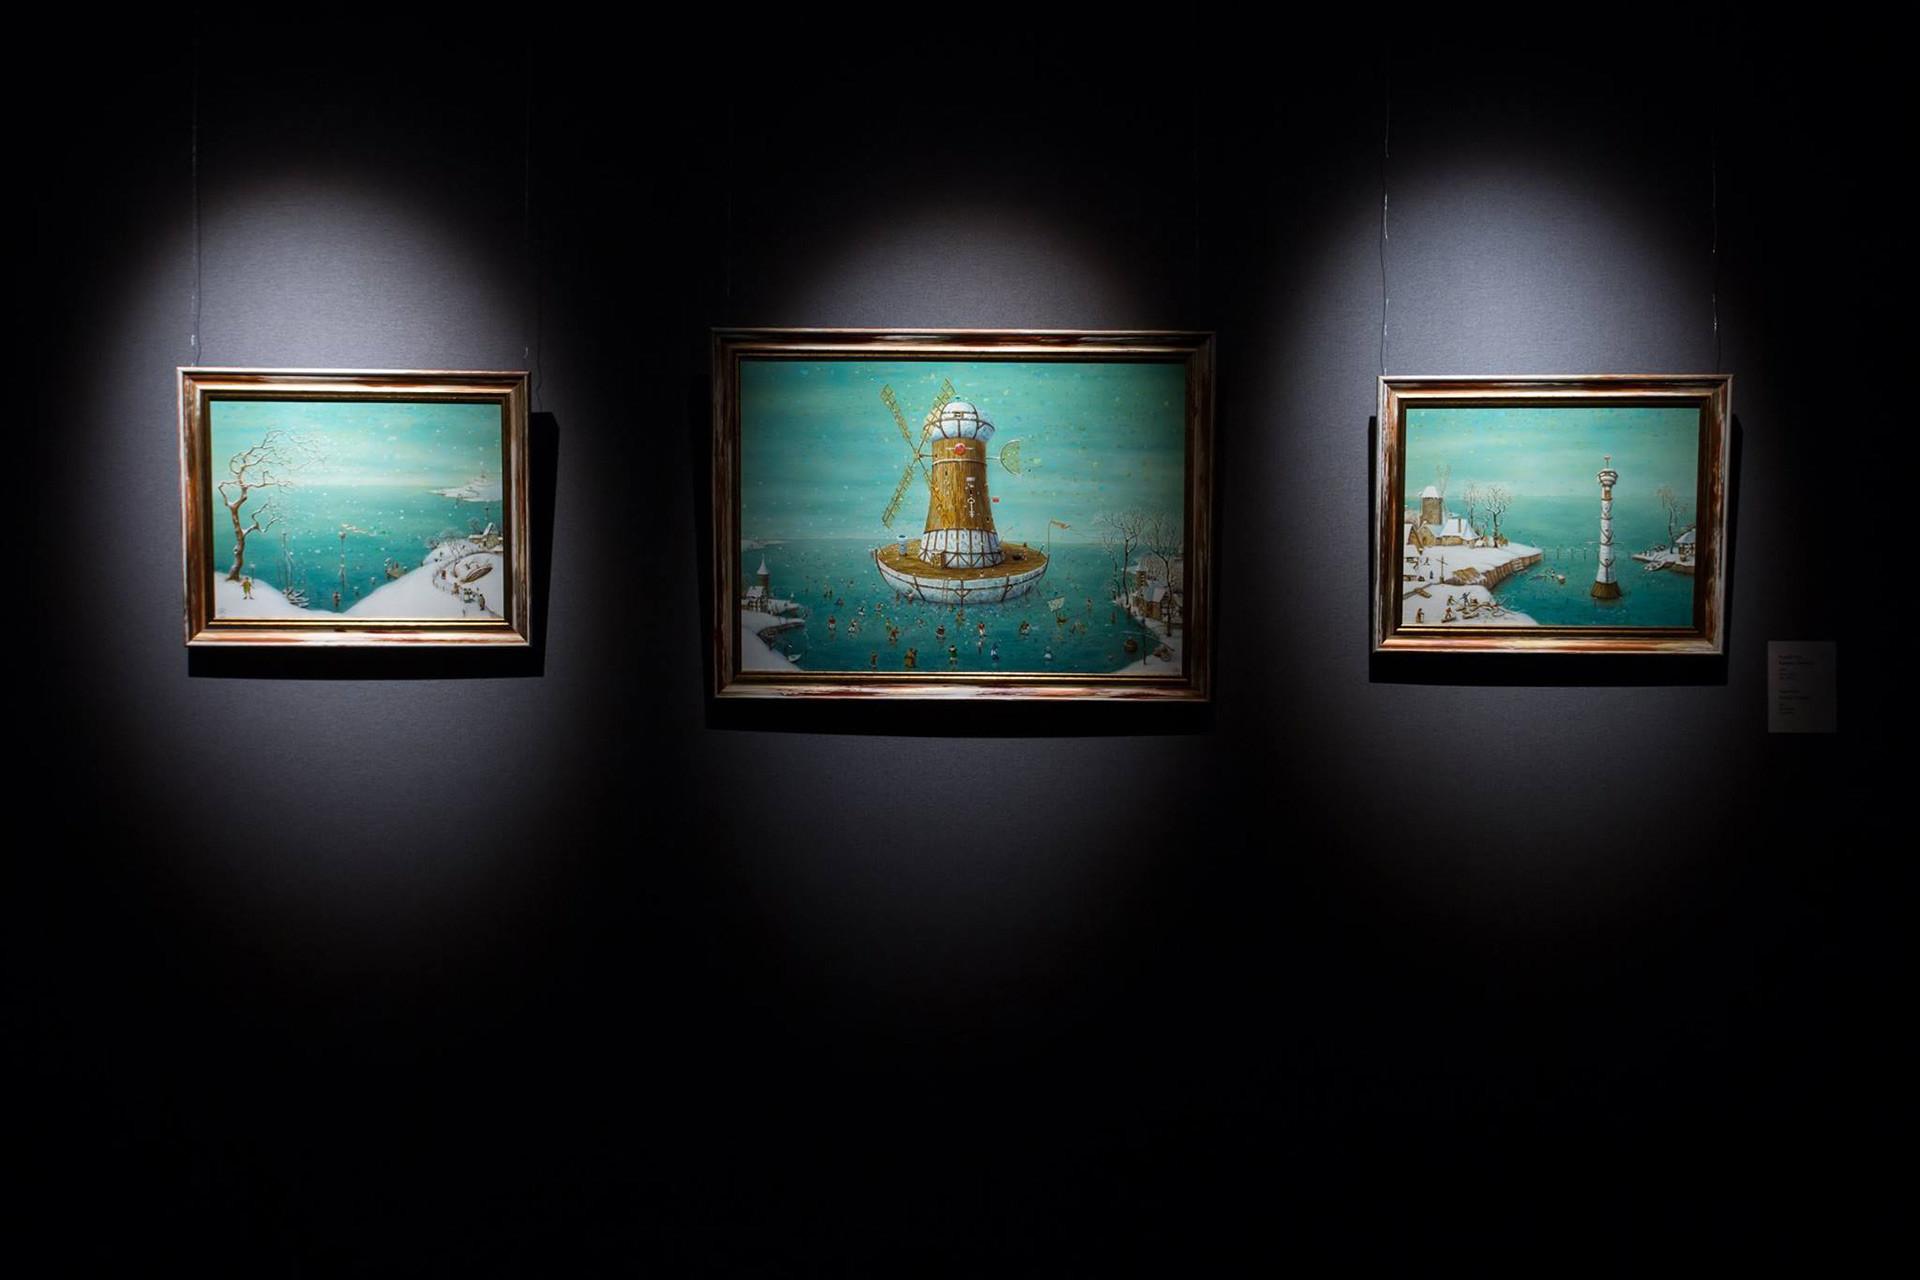 Mostra no Museu Erarta, que também recebe peças de teatro e performances musicais.